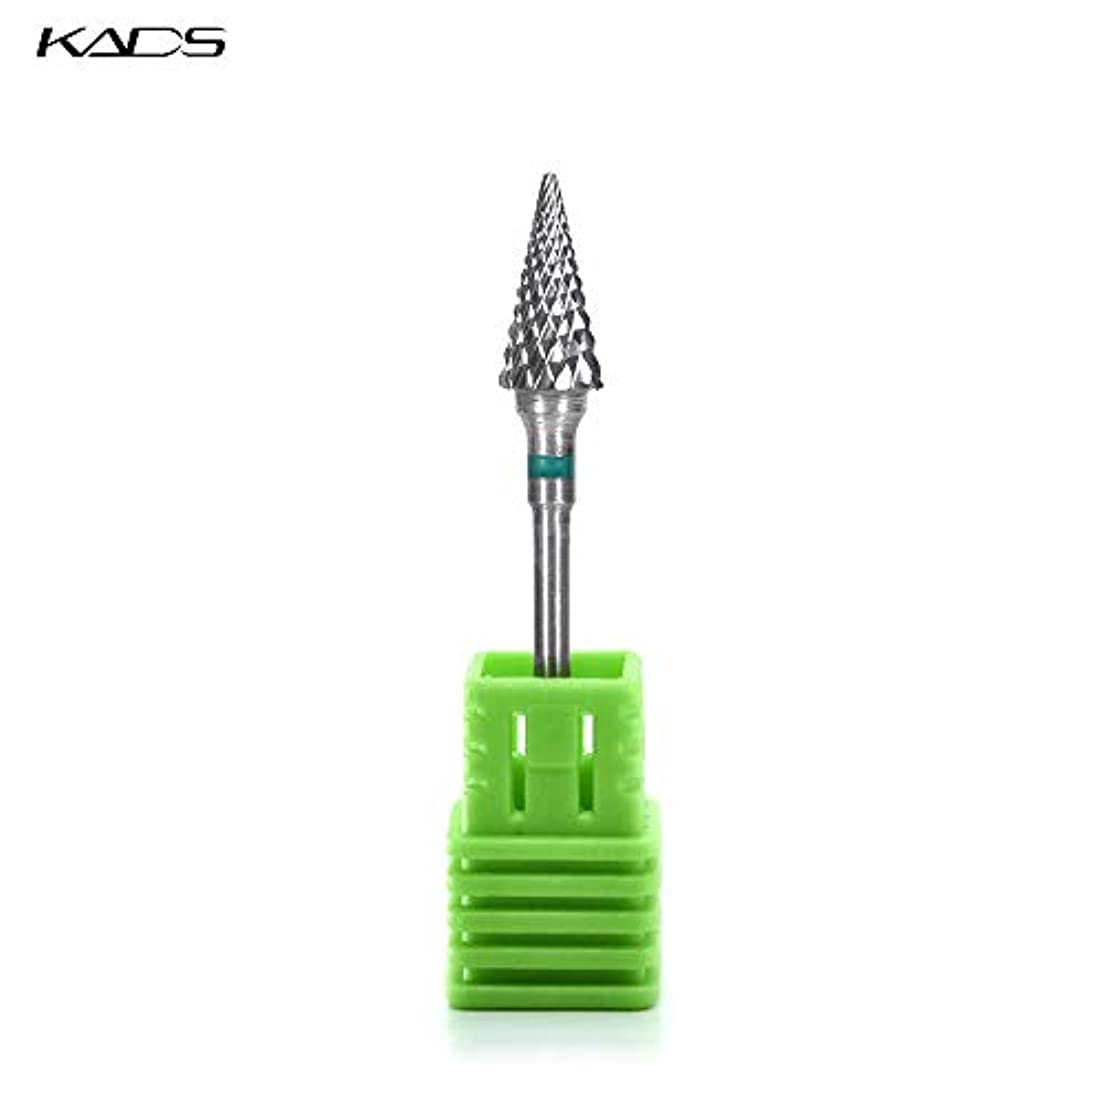 自分もつれ光沢のあるKADS ネイルドリルビット 研削ヘッド 研磨ヘッド 耐摩耗性 耐腐食性 高硬度 (C)